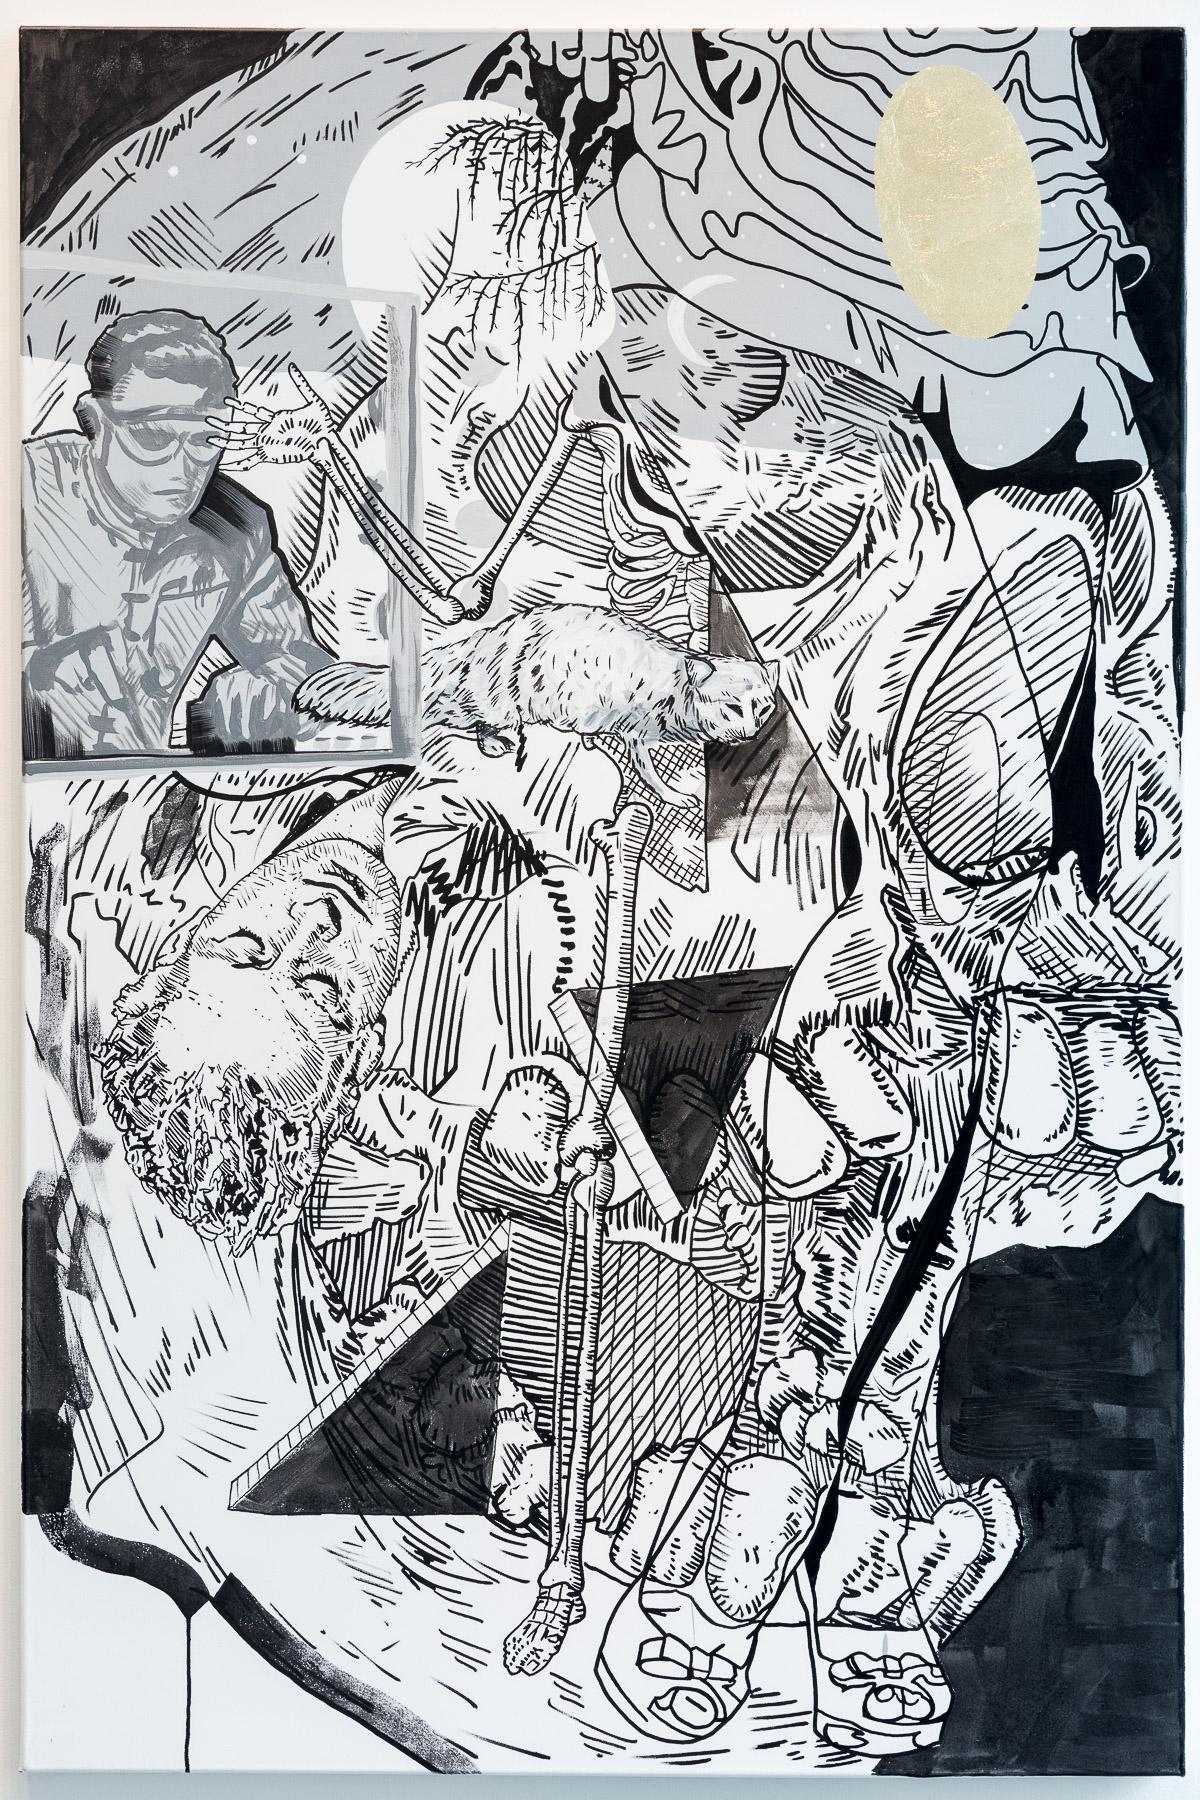 Ausstellungsansichten_Sammlung Sanziany_008_web.jpg